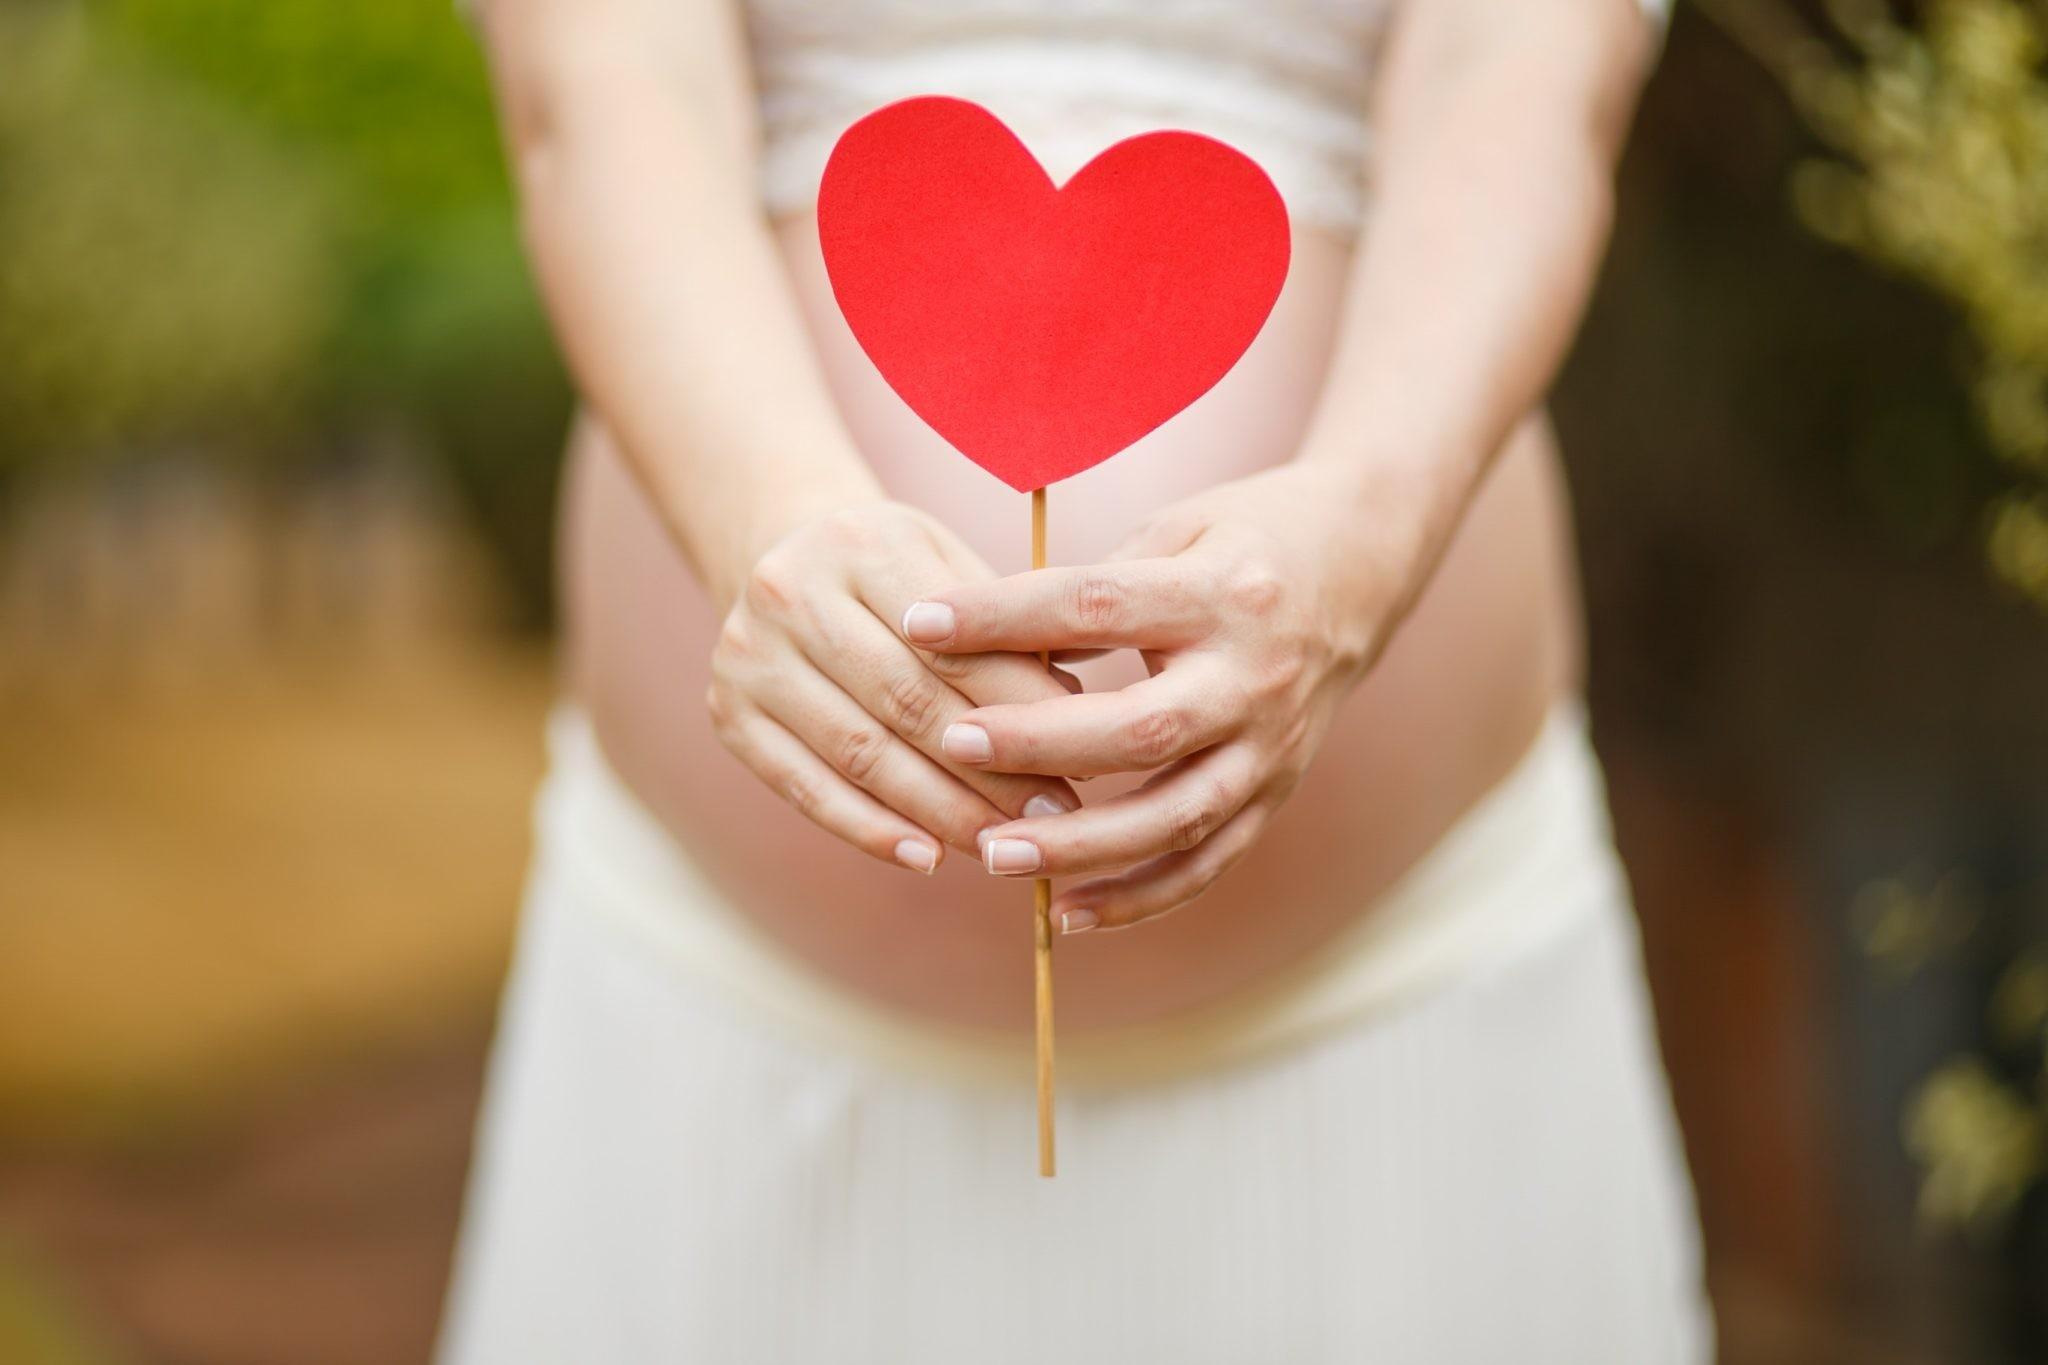 Доминанта беременности: как легко пережить эти 9 месяцев?